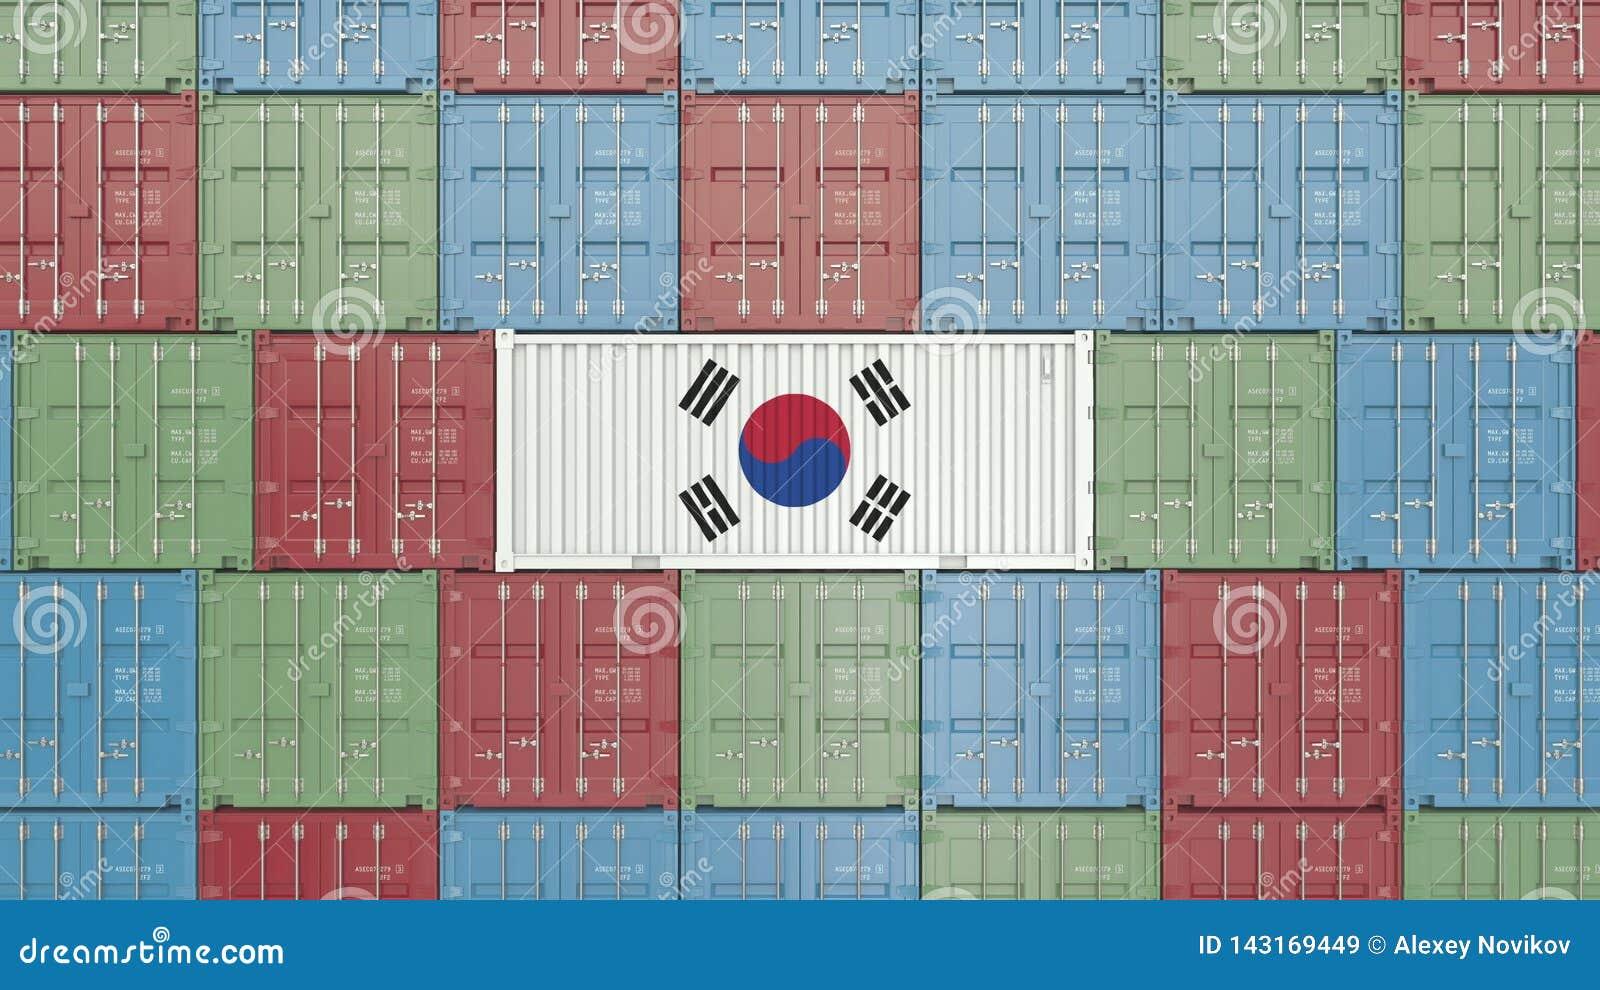 Korean import.